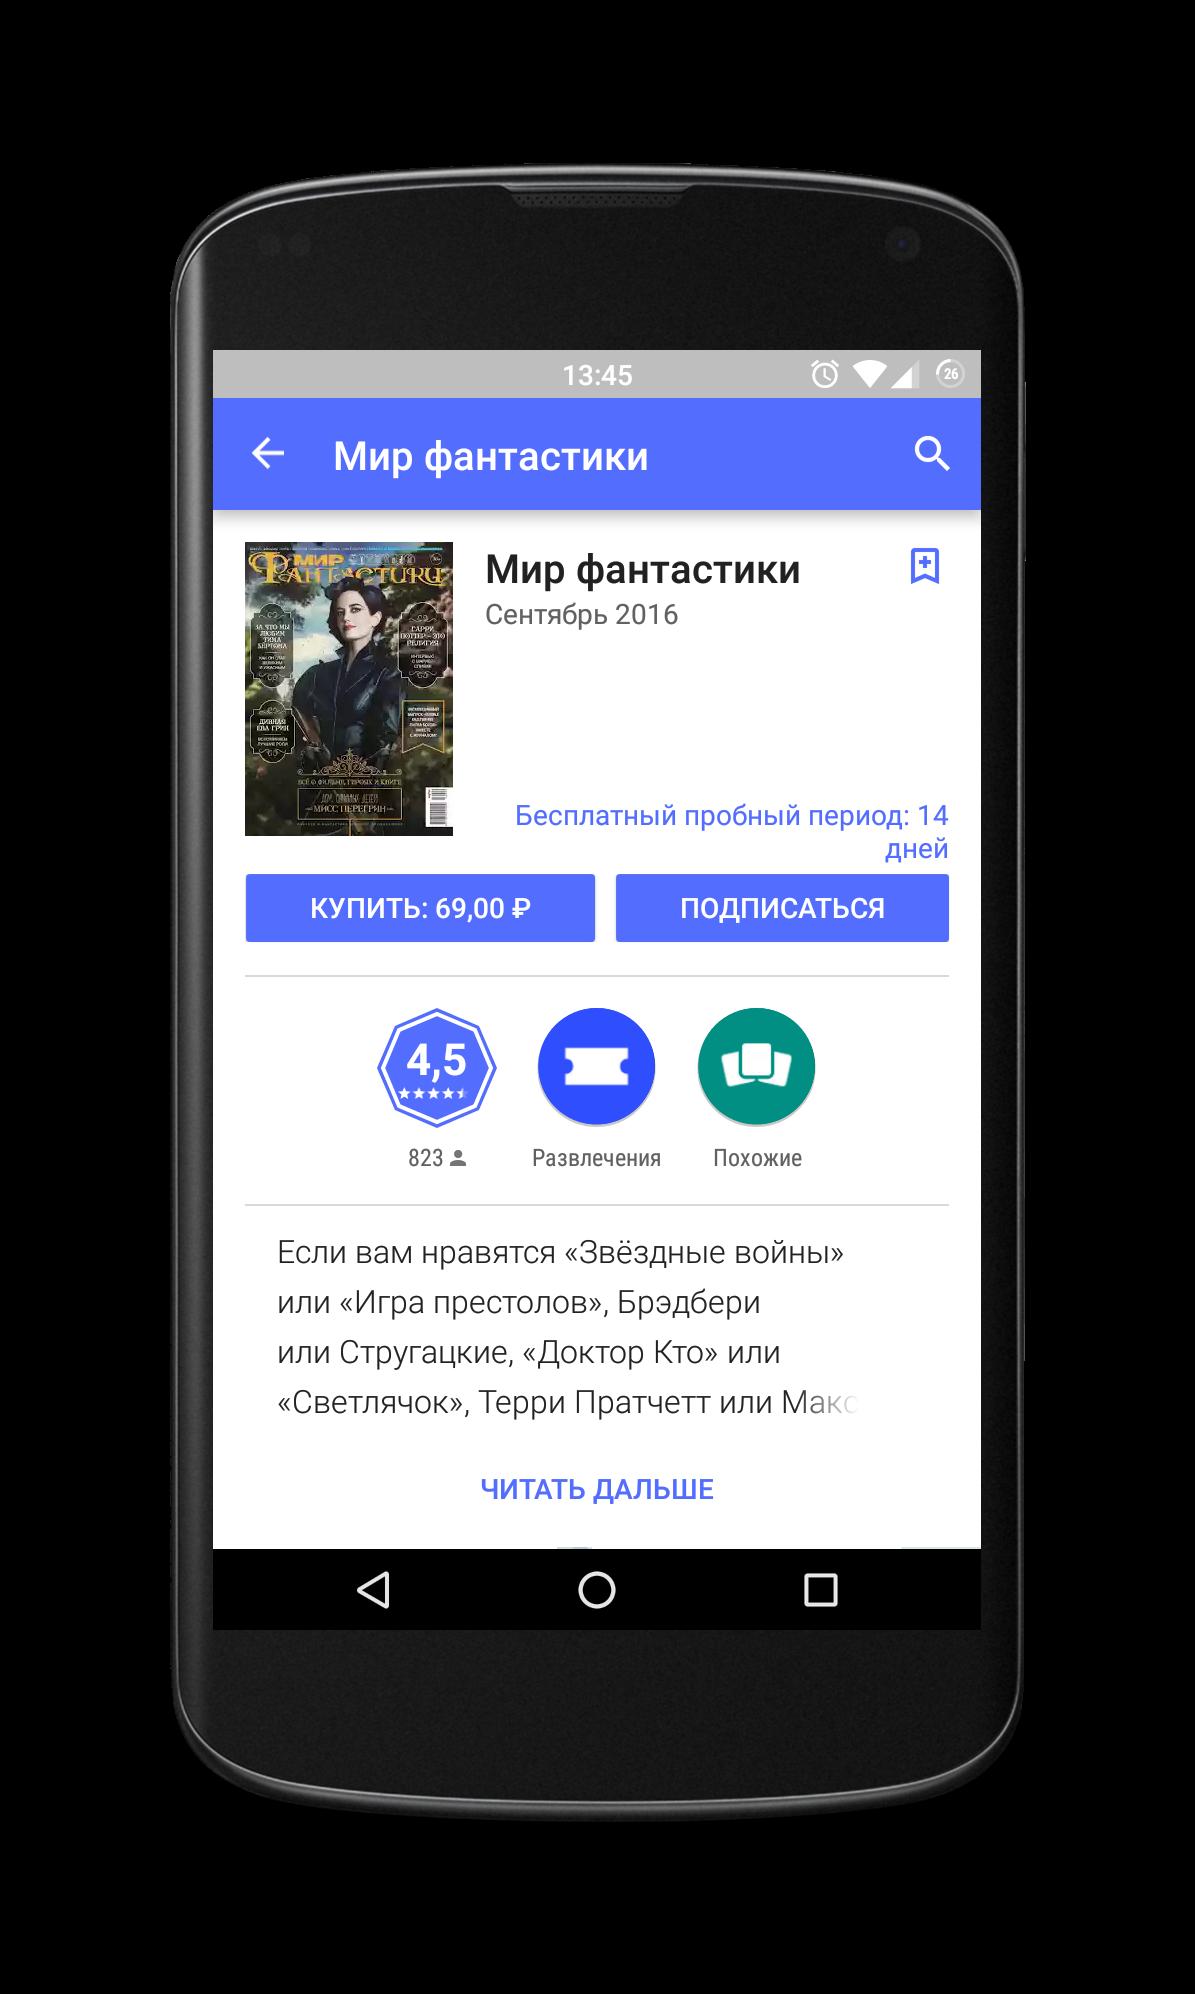 Мир фантастики Android